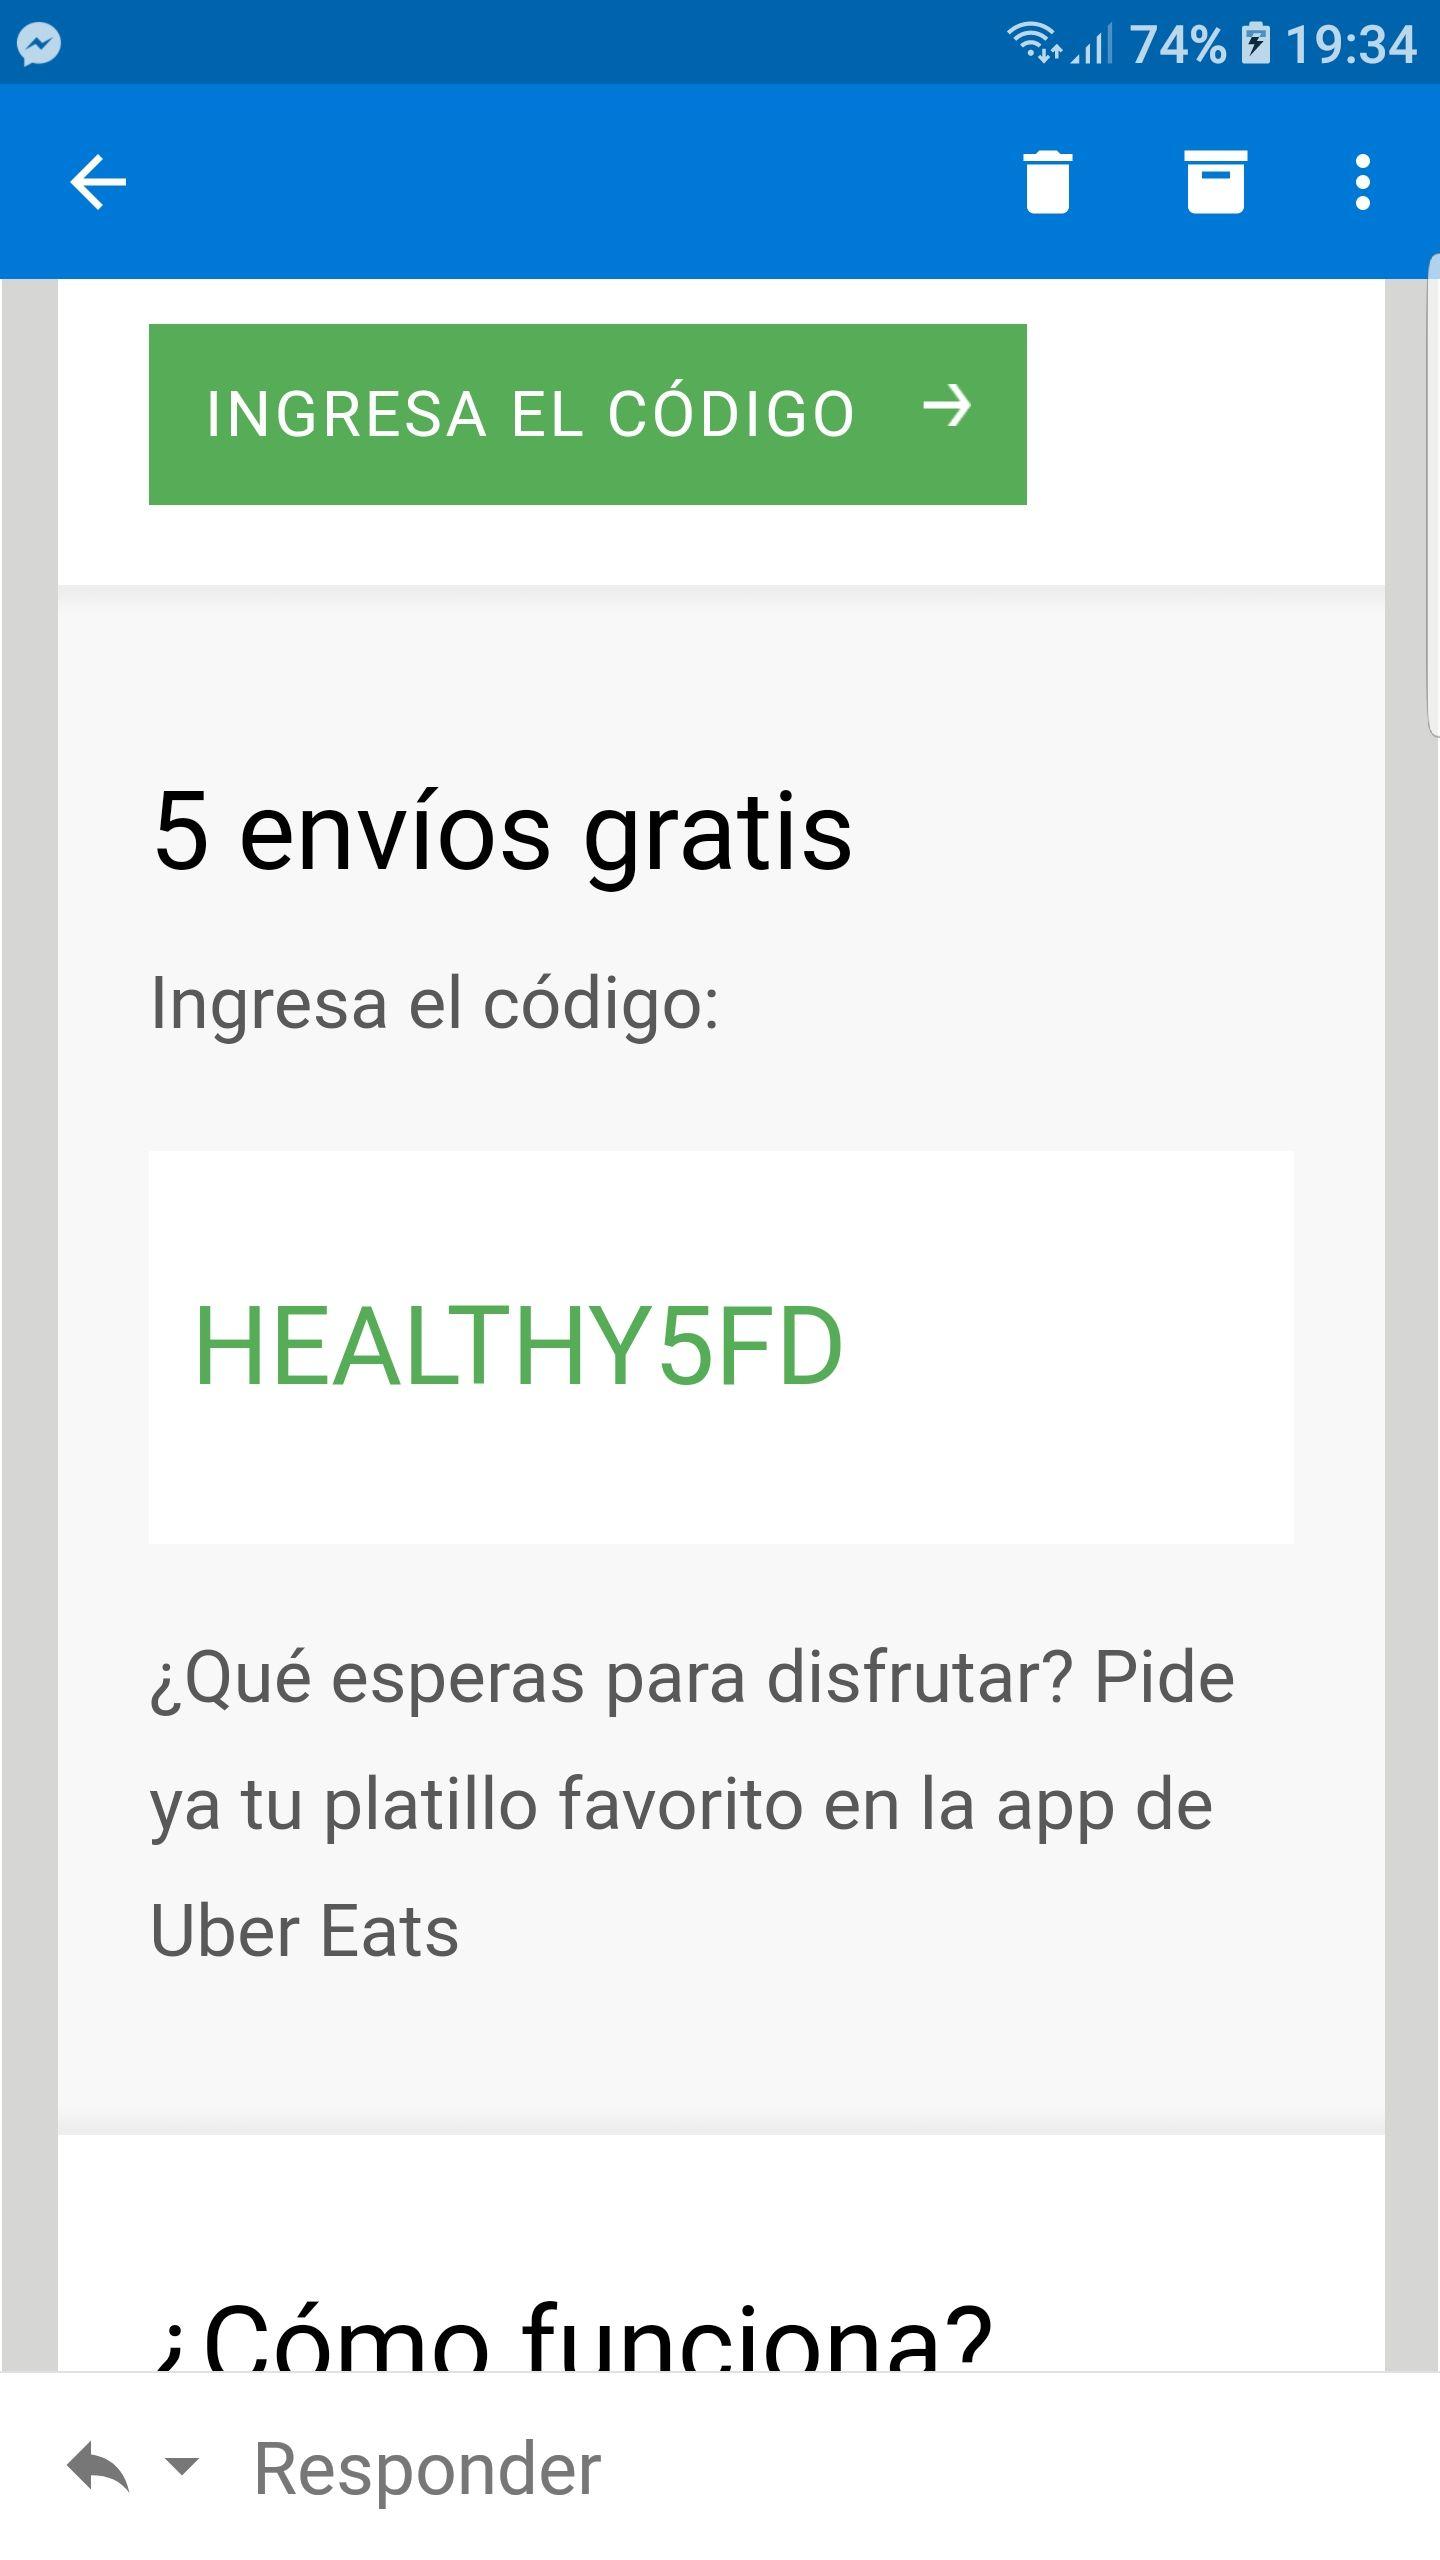 Uber Eats: 5 envios gratis con cupón (usuarios seleccionados)